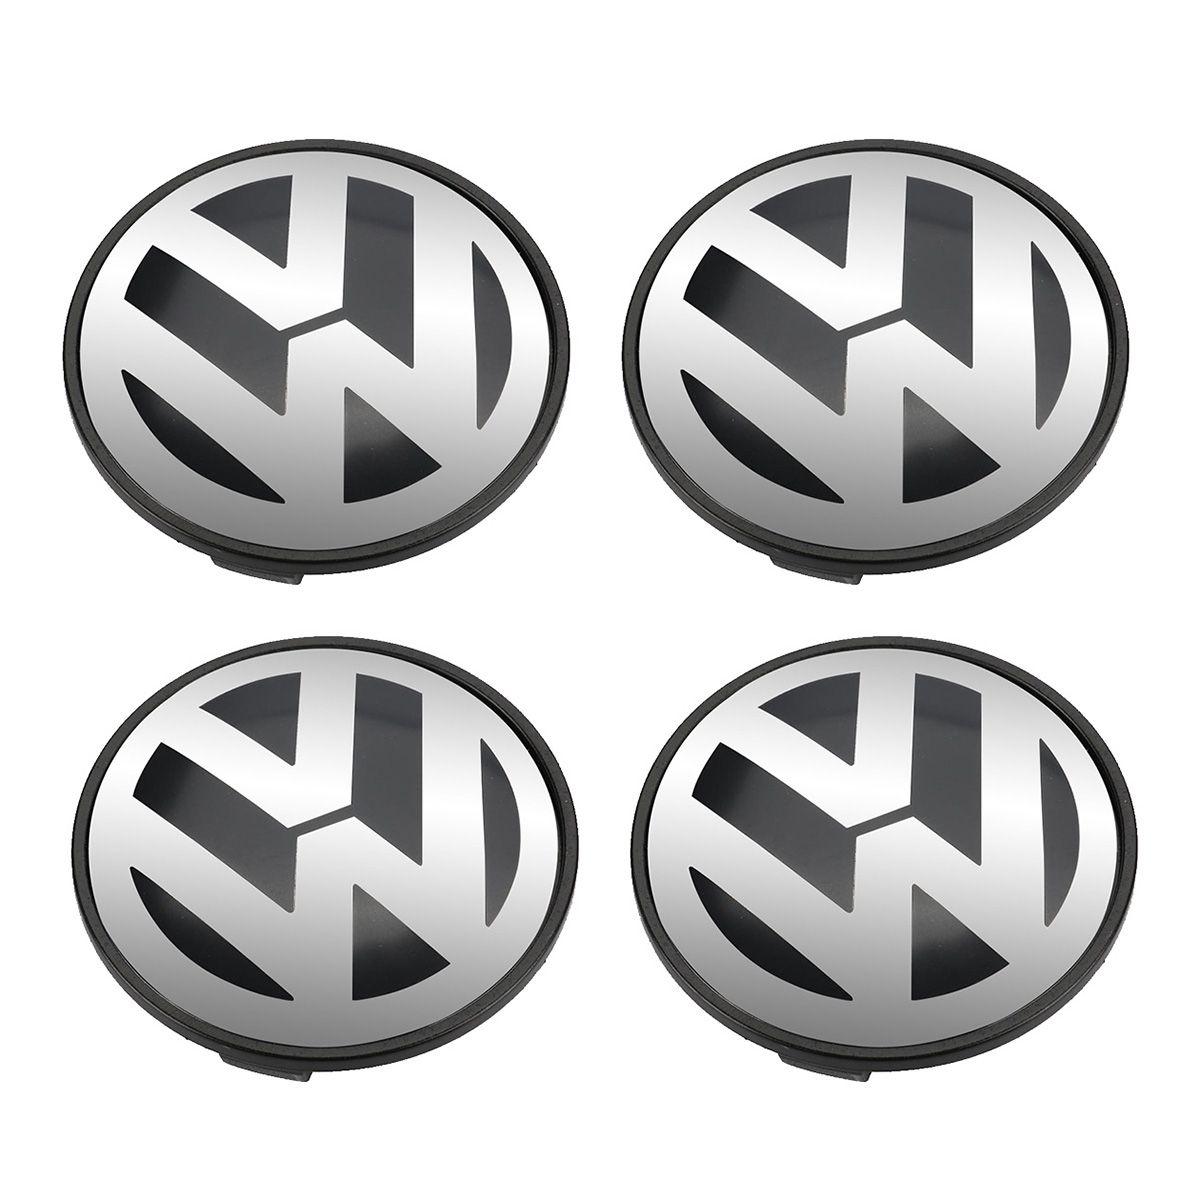 4pcs 70mm Wheel Center Hub Cover Cap For VW Touareg 7L6 601 149 B RVC